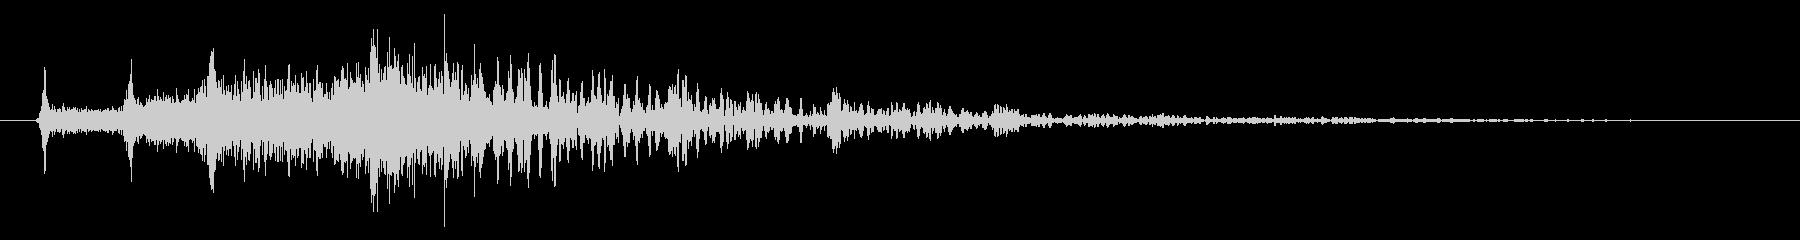 メニュー画面音(ウインドウ,決定等)18の未再生の波形